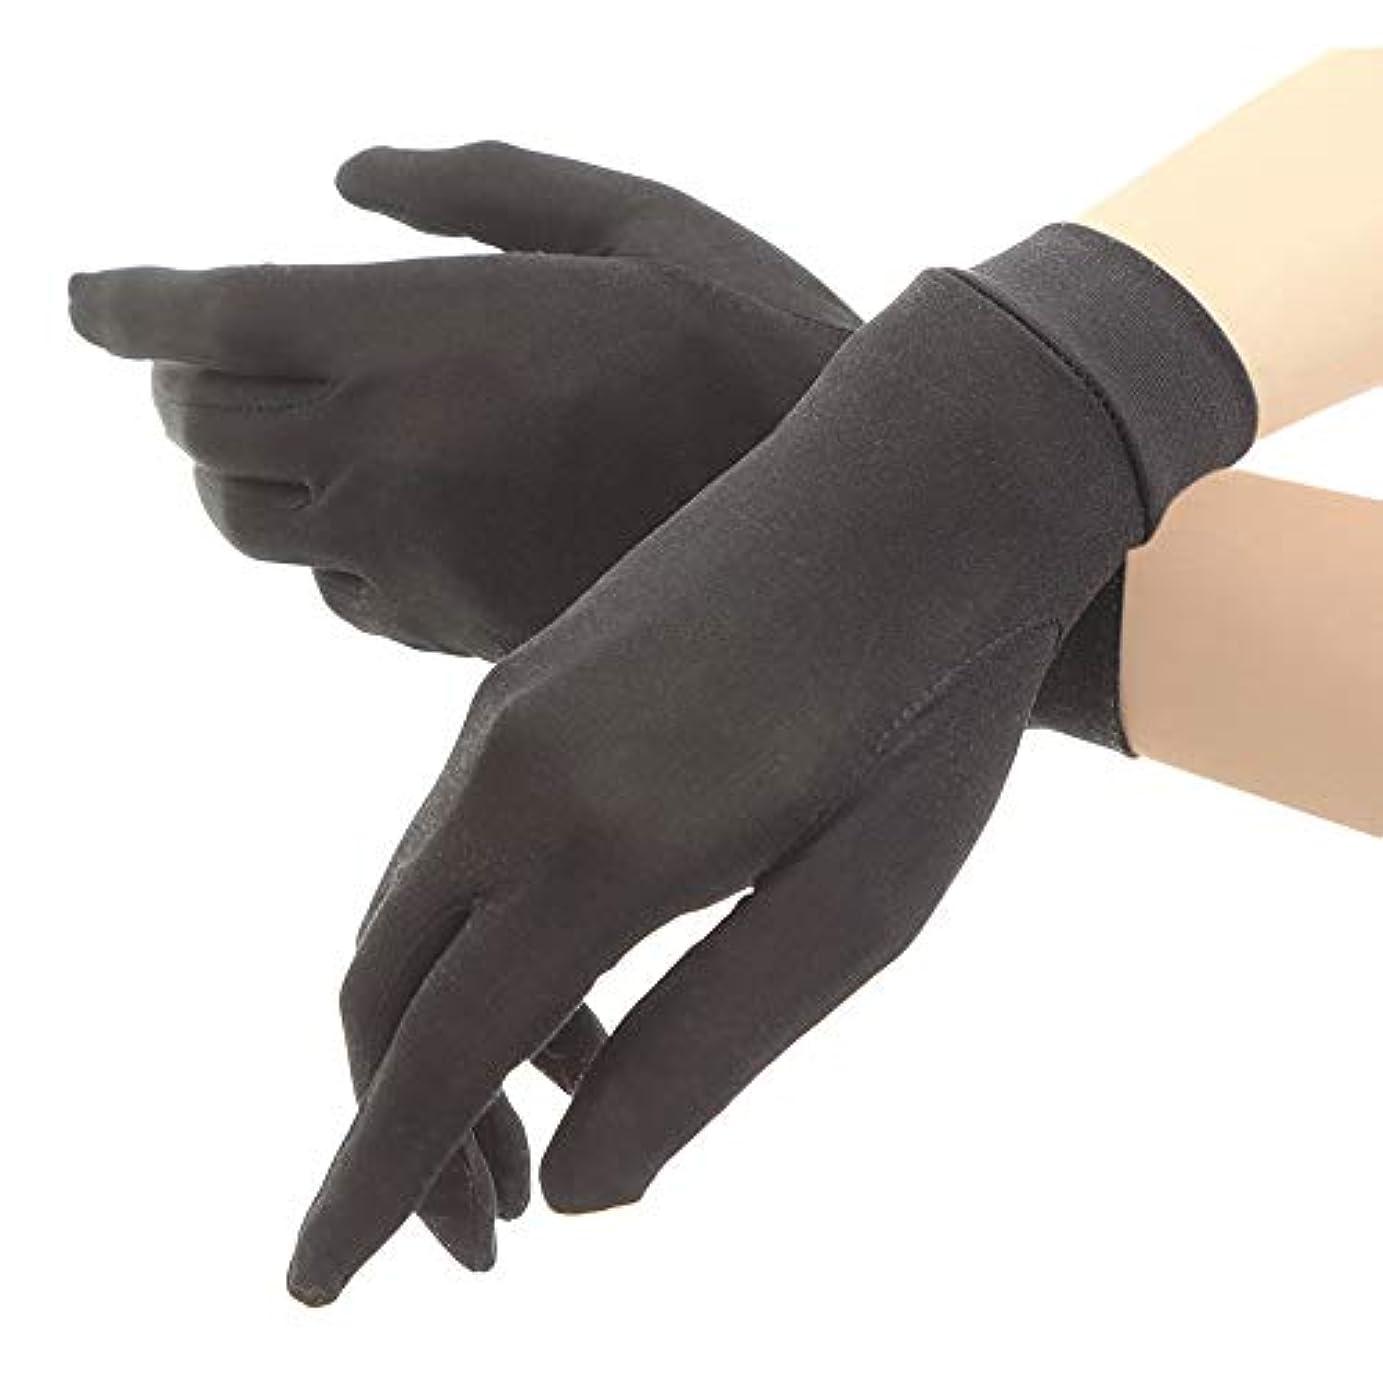 不満ワット同志シルク手袋 レディース 手袋 シルク 絹 ハンド ケア 保湿 紫外線 肌荒れ 乾燥 サイズアップで手指にマッチ 【macch】